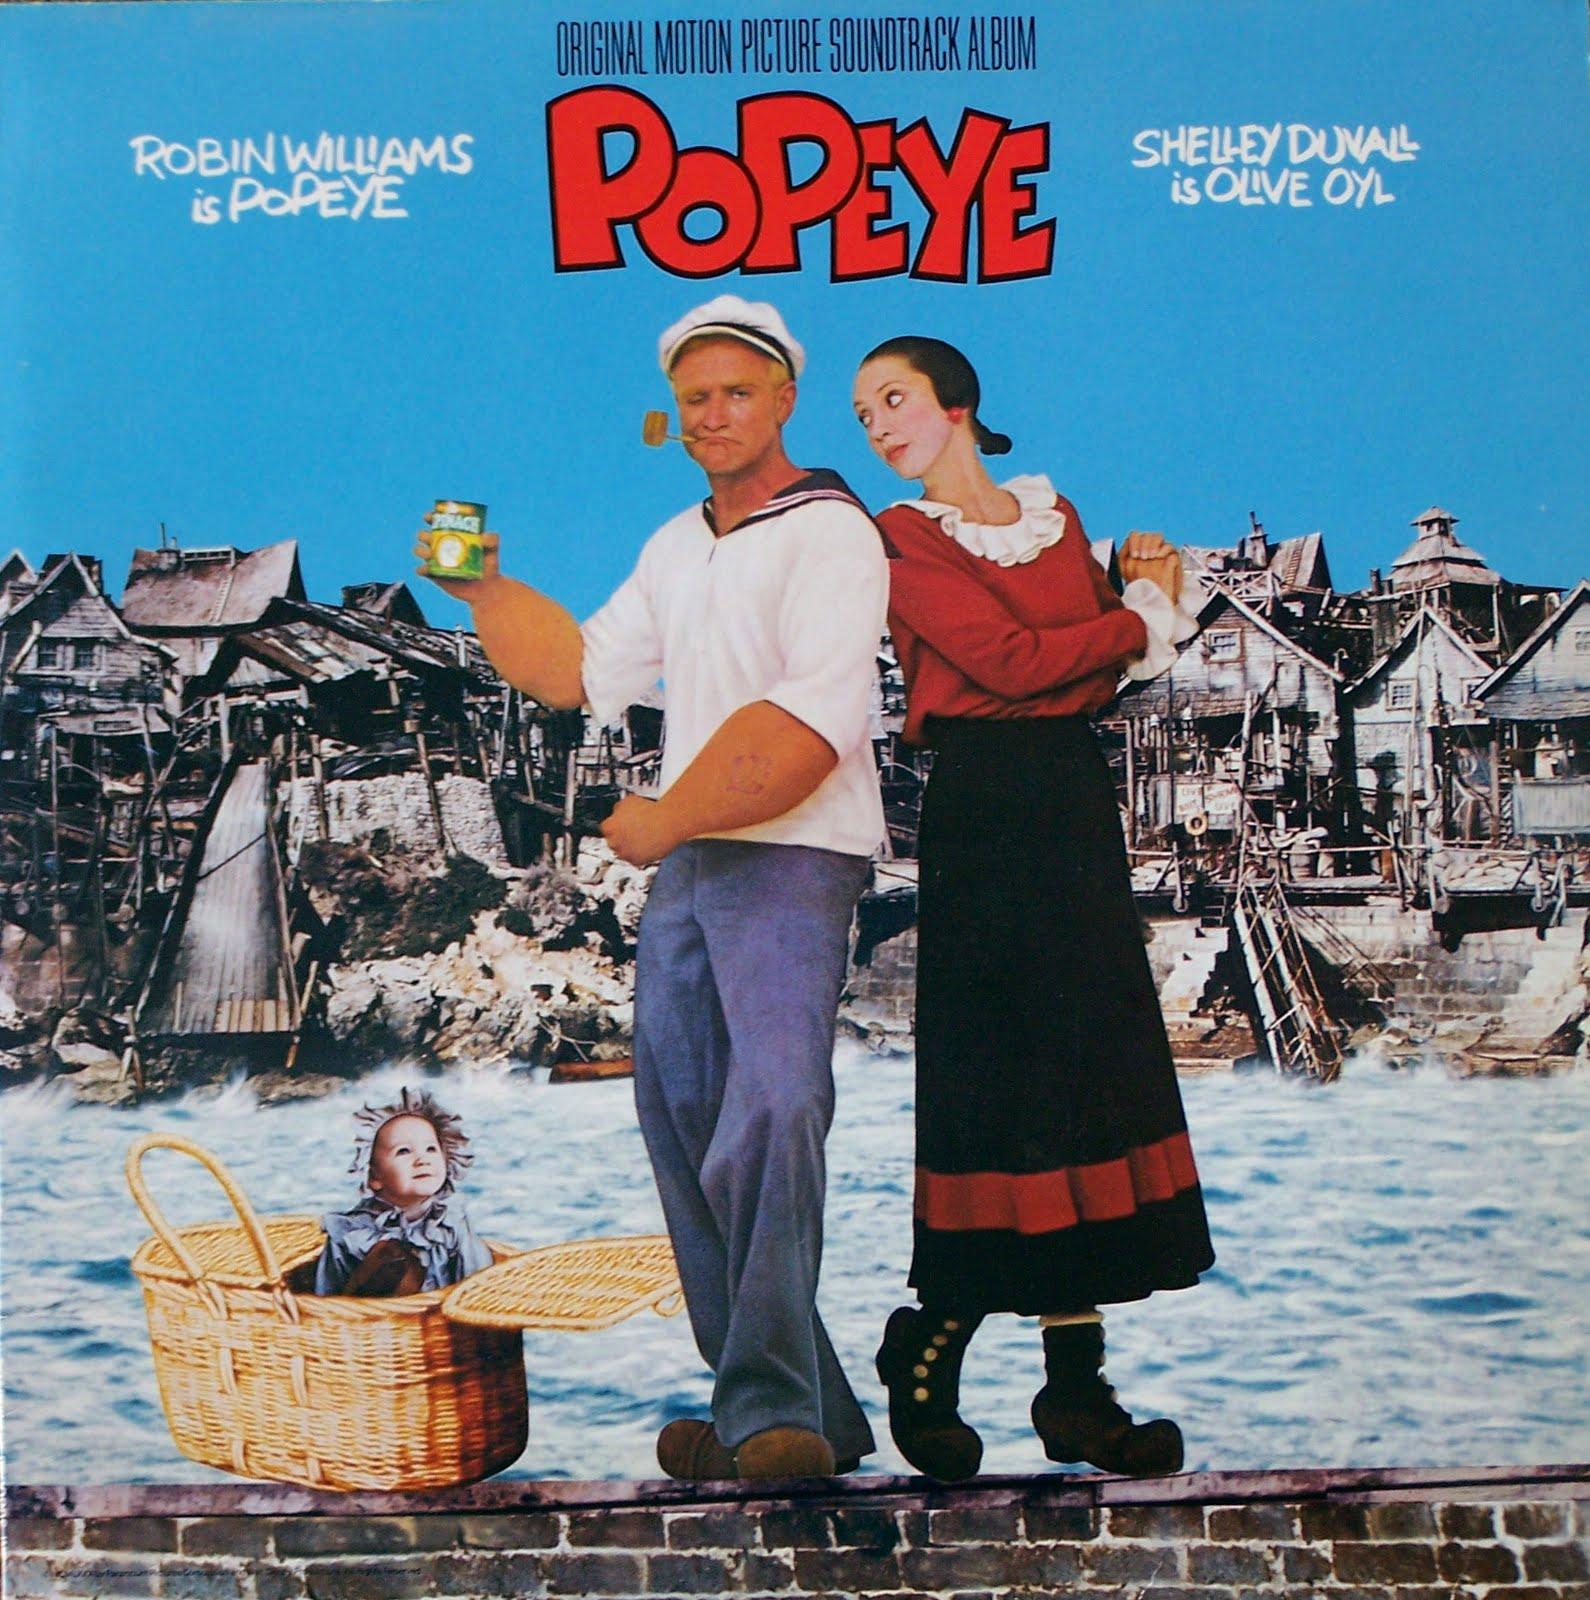 Η αφίσα της ταινίας Popeye.